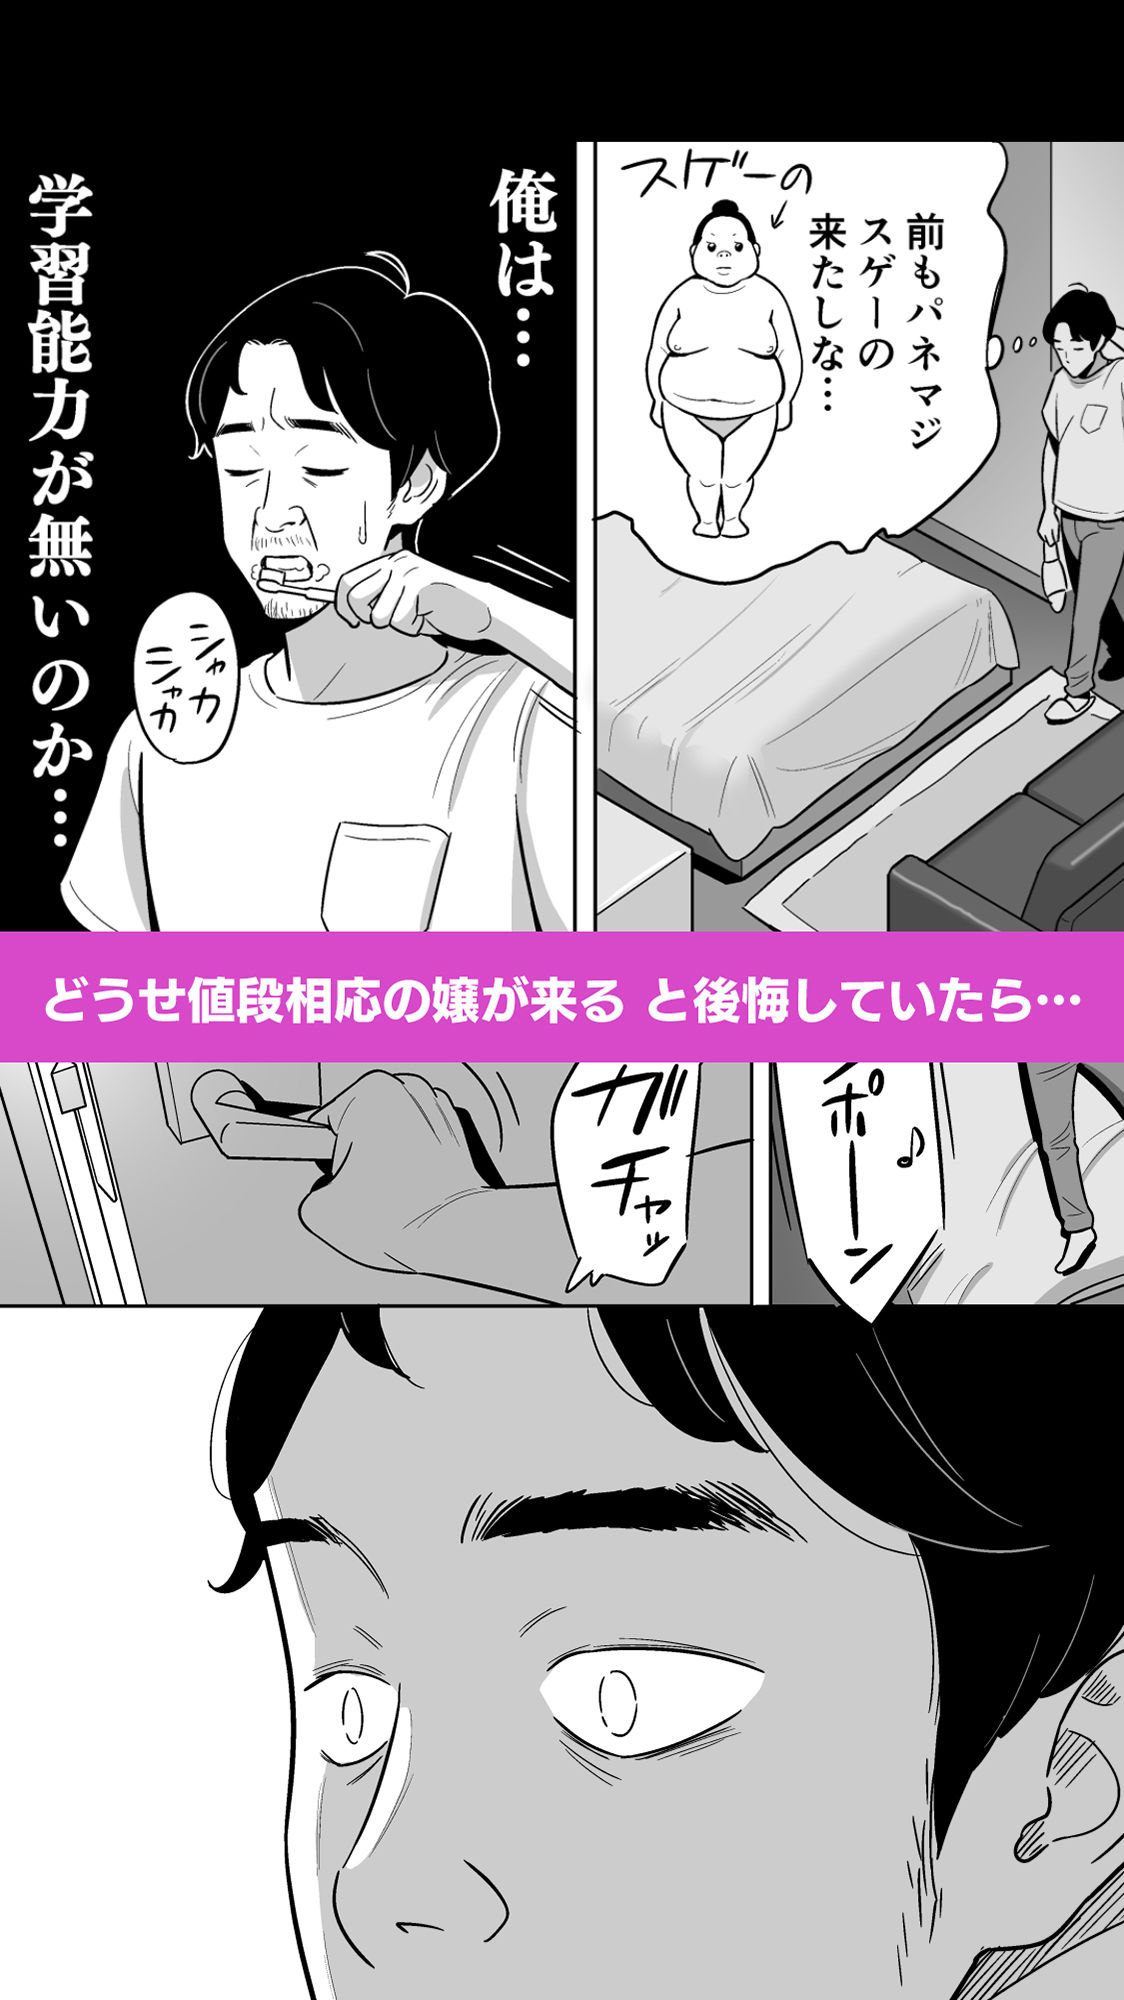 【朗報】激安風俗で大当たり引いたwww4